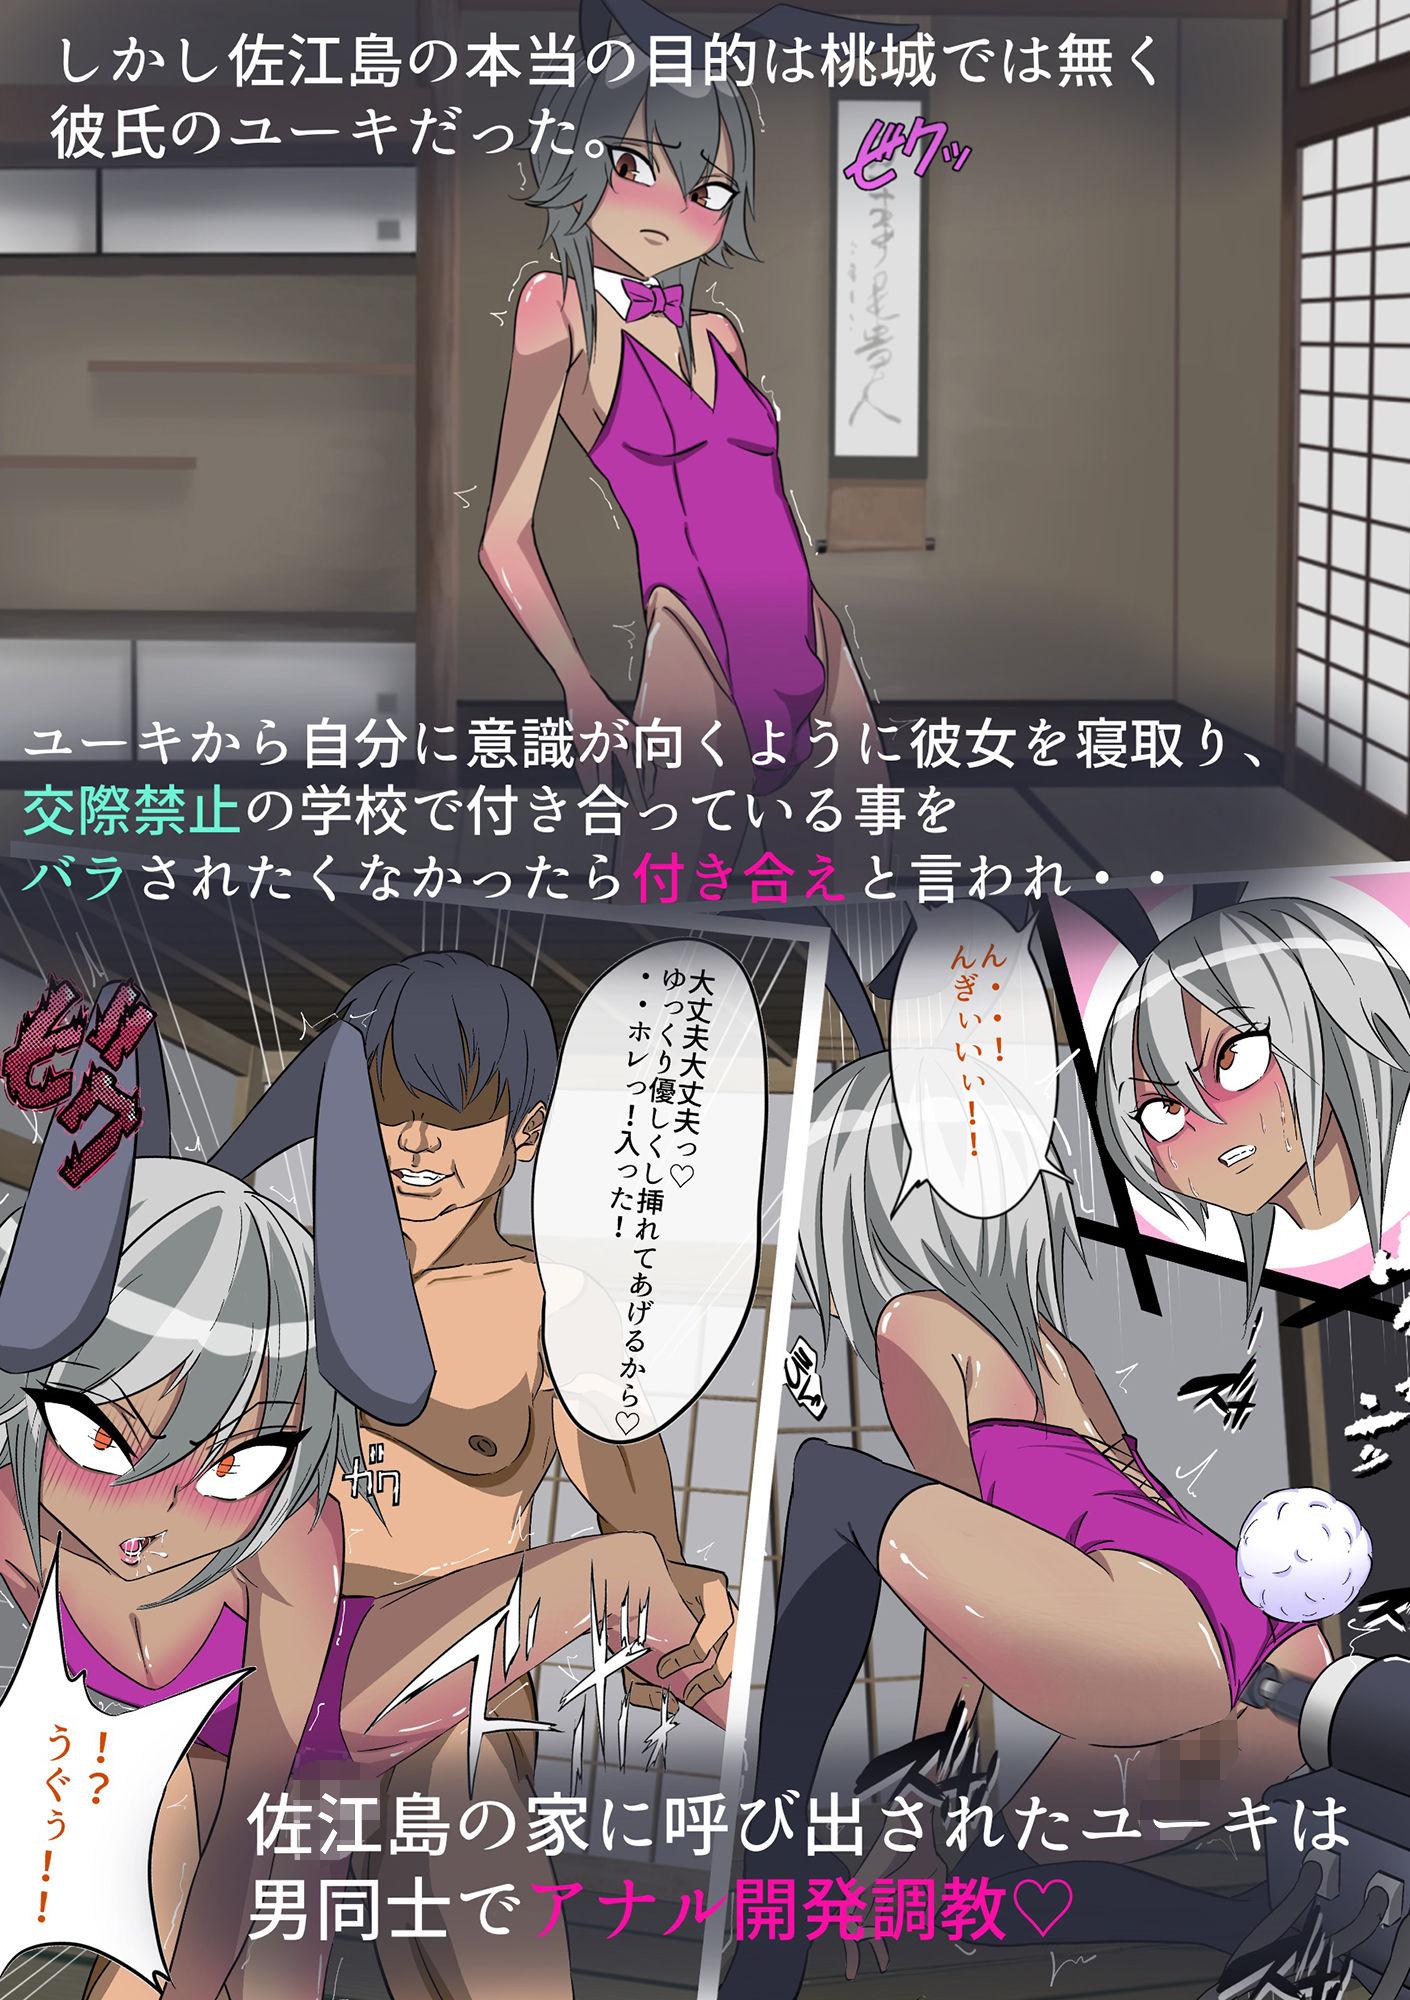 サンプル画像3:学園美男子 外伝2 褐色男の娘はクラスの陰キャに彼女を寝とられ、自分までメス堕ちさせられてしまった。(よもぎぱら) [d_199734]